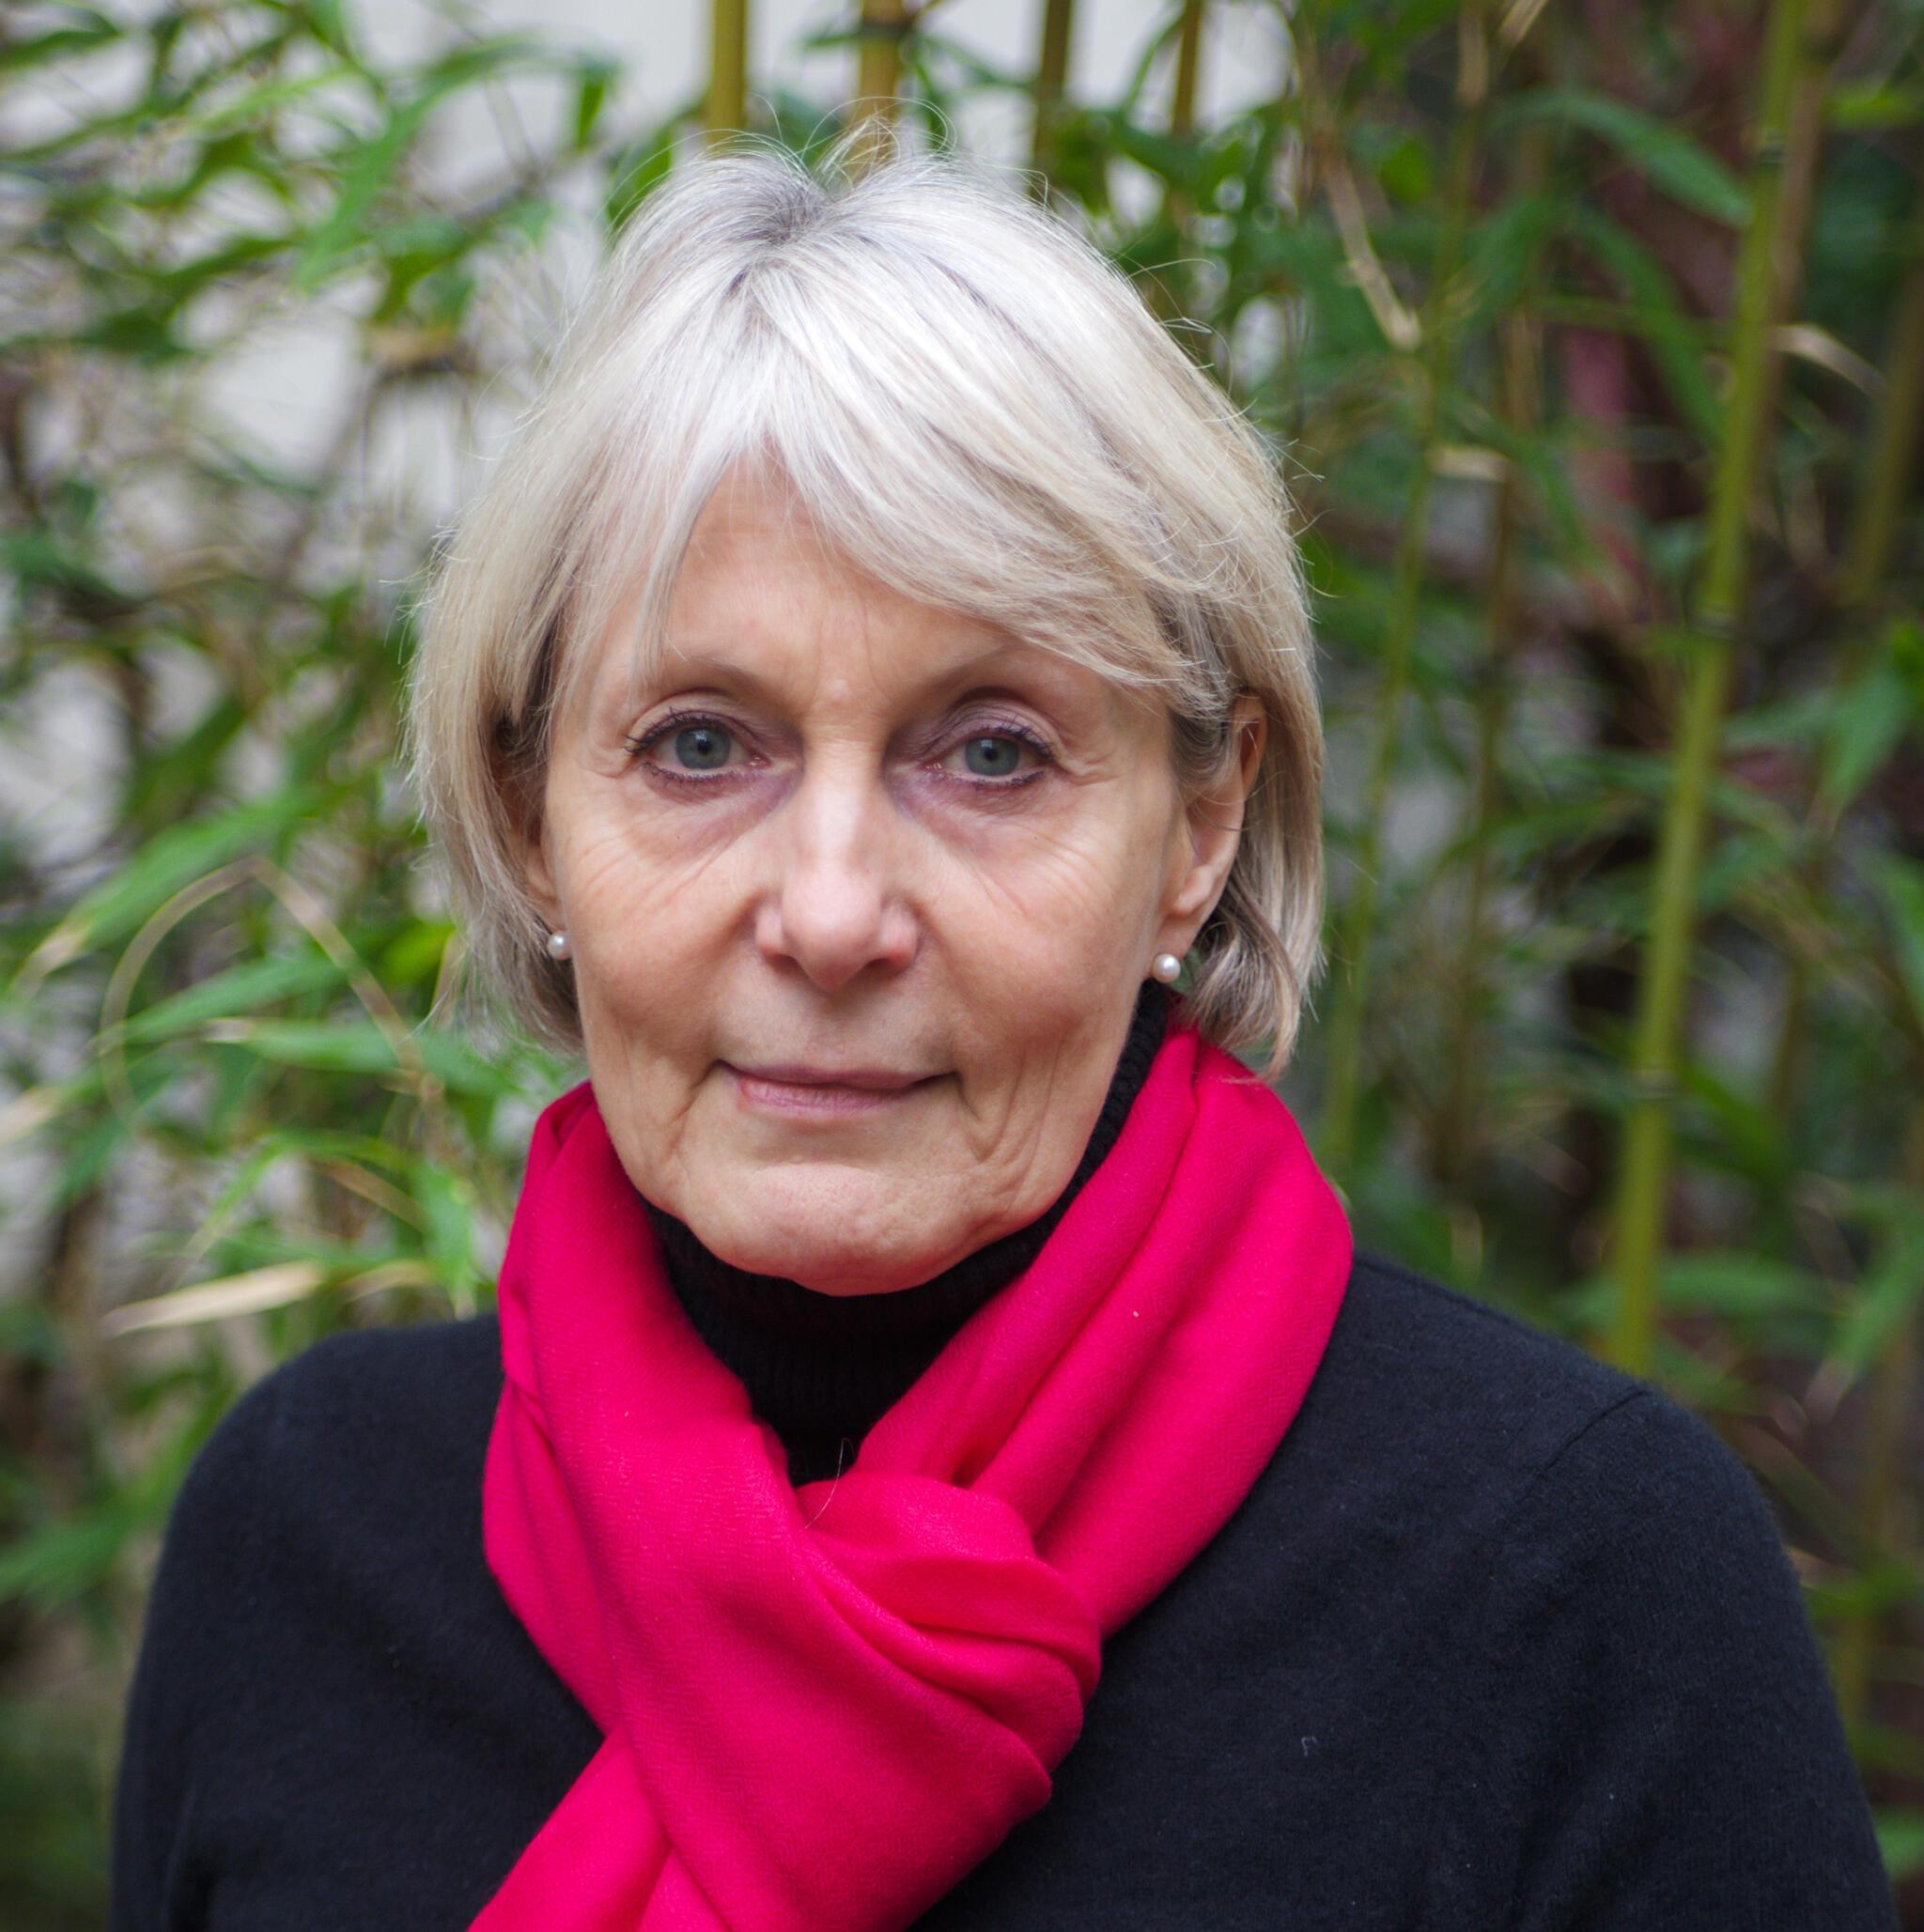 Claudine Lepage, sénatrice des Français de l'étranger